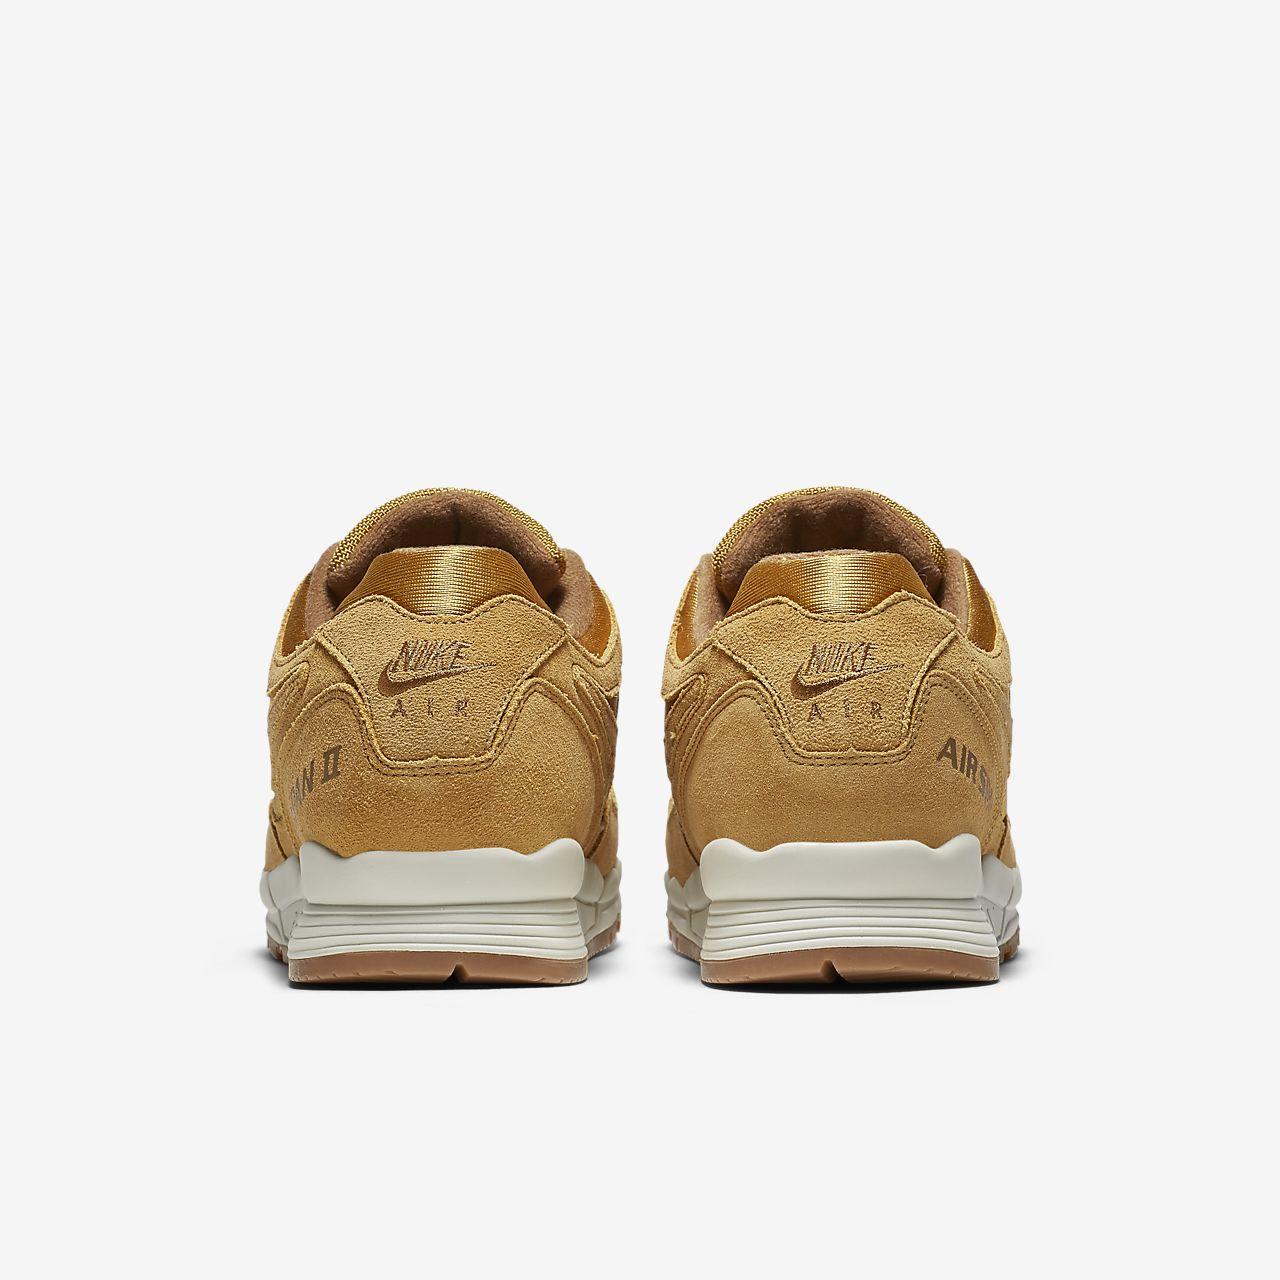 reputable site 0764a aae78 ... Nike Air Span II Premium Sko för män